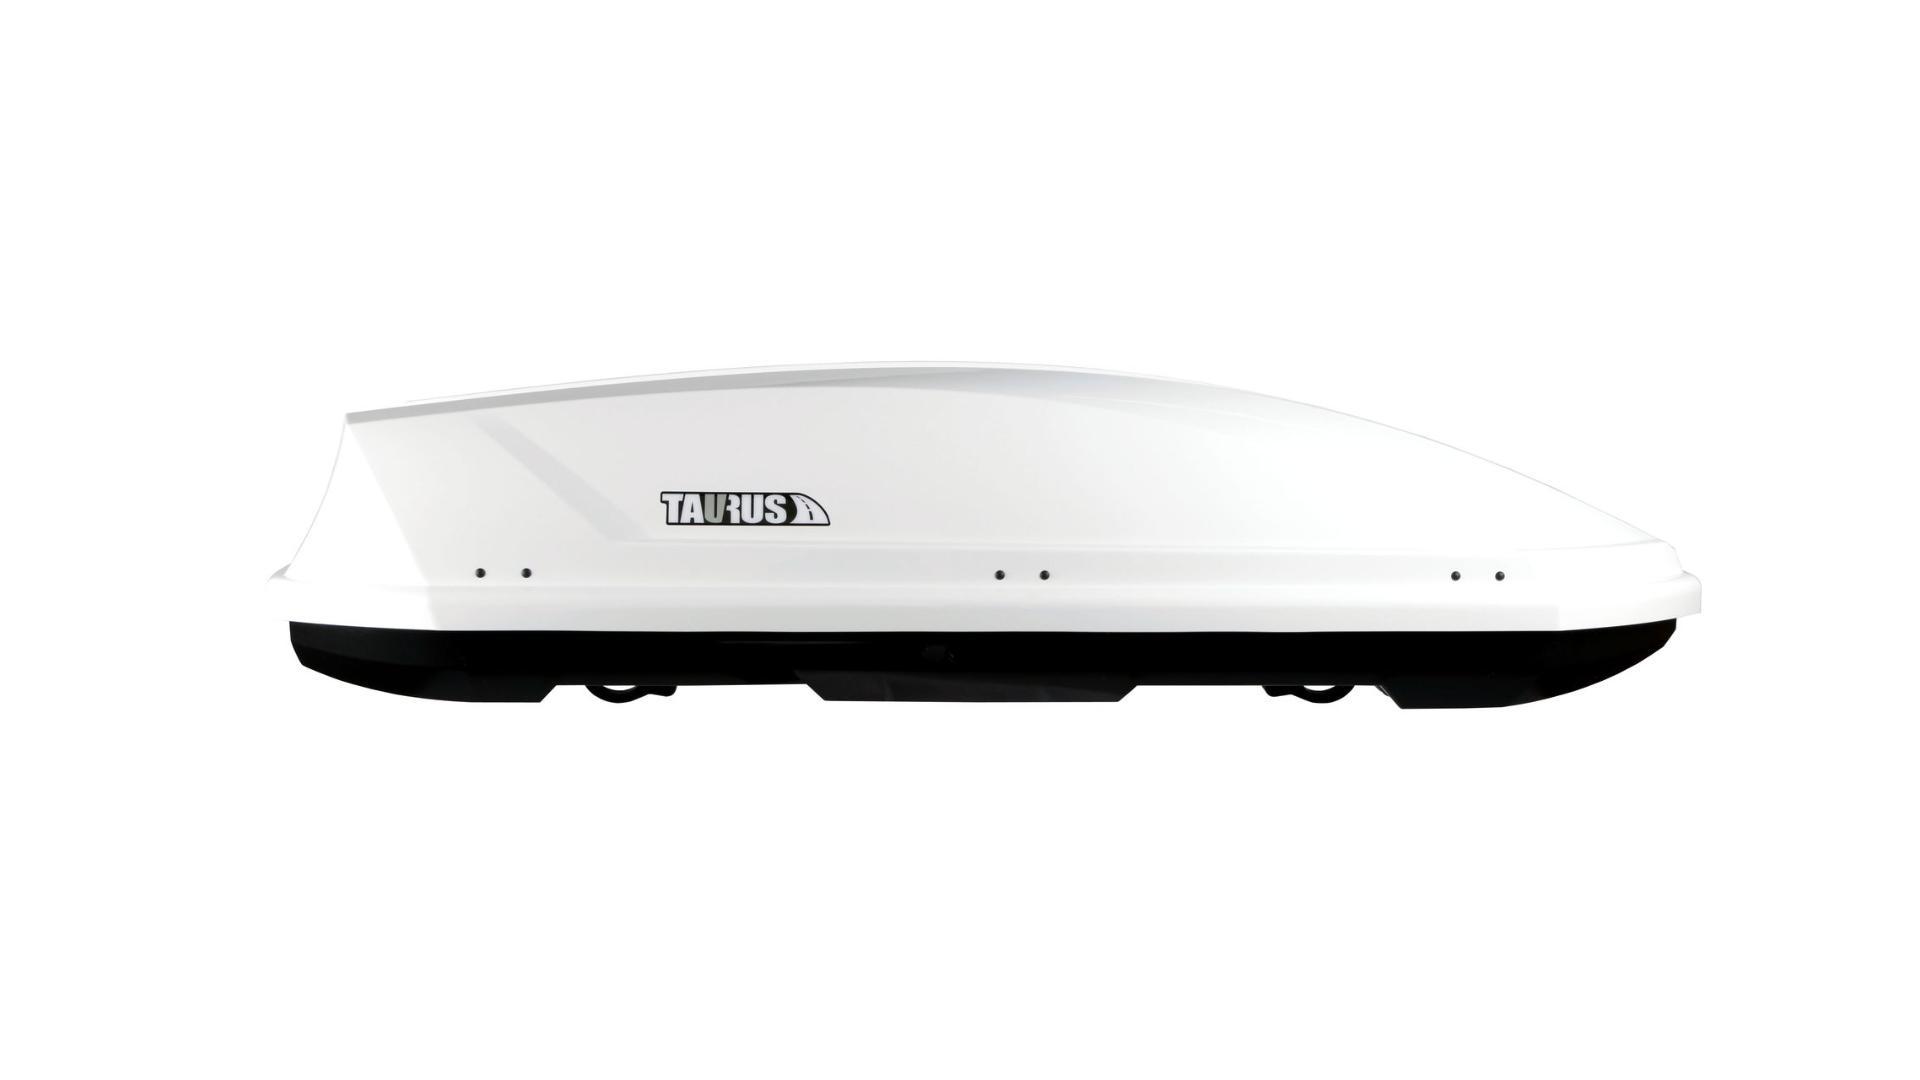 Taurus strešný box Adventure (190 x 67 x 42) 340l. - biely lesklý (obojstranne otvárateľný)